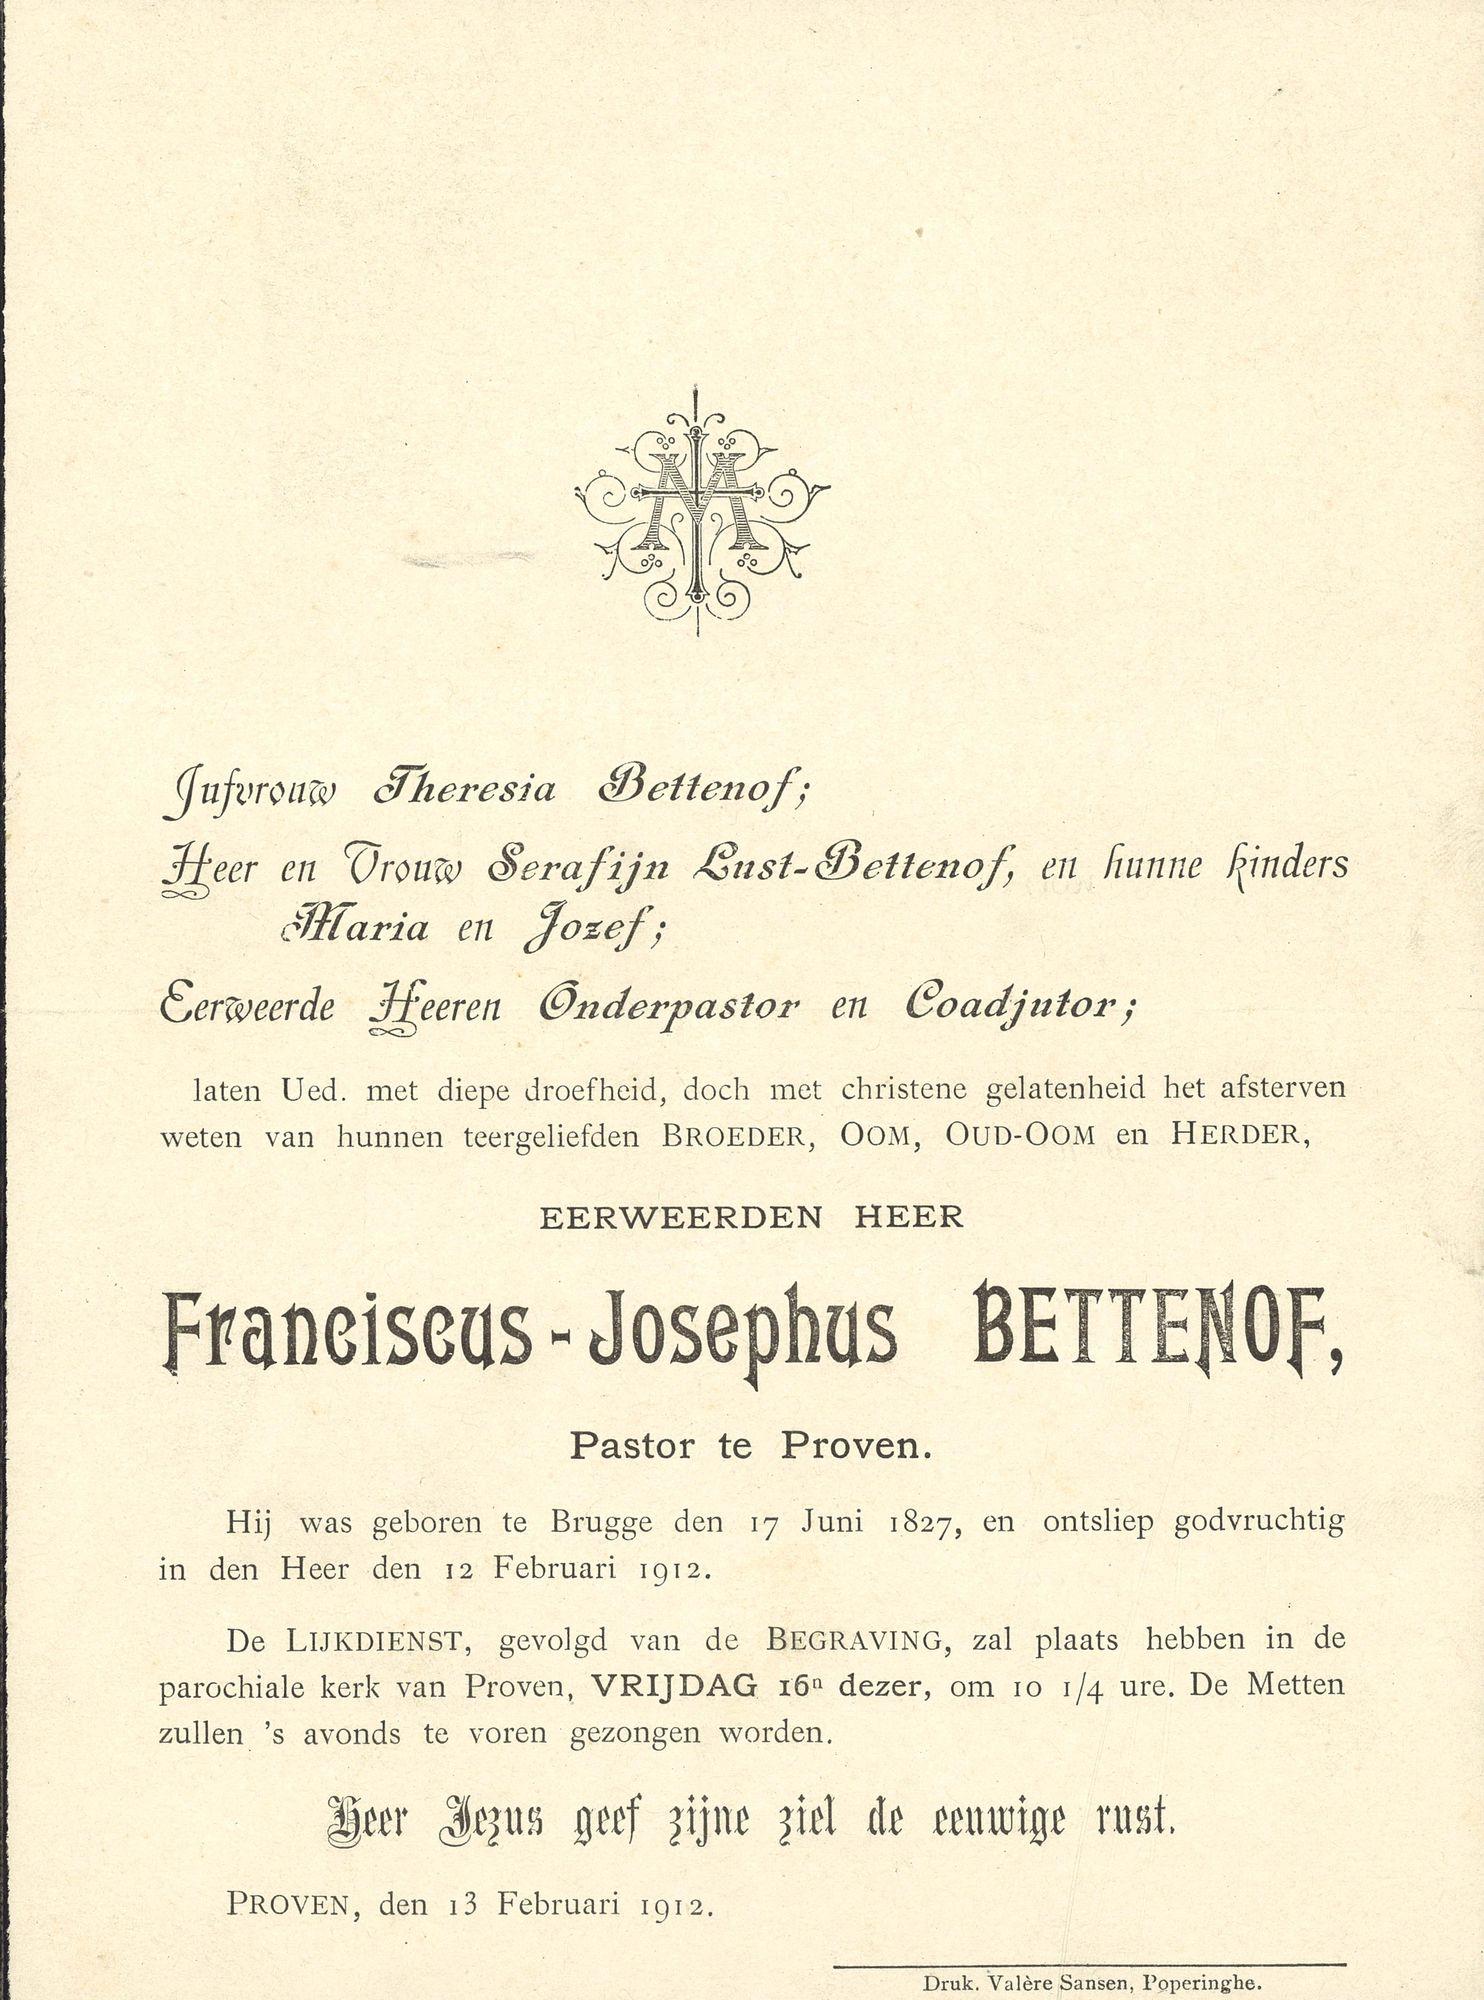 Franciscus-Josephus Bettenof